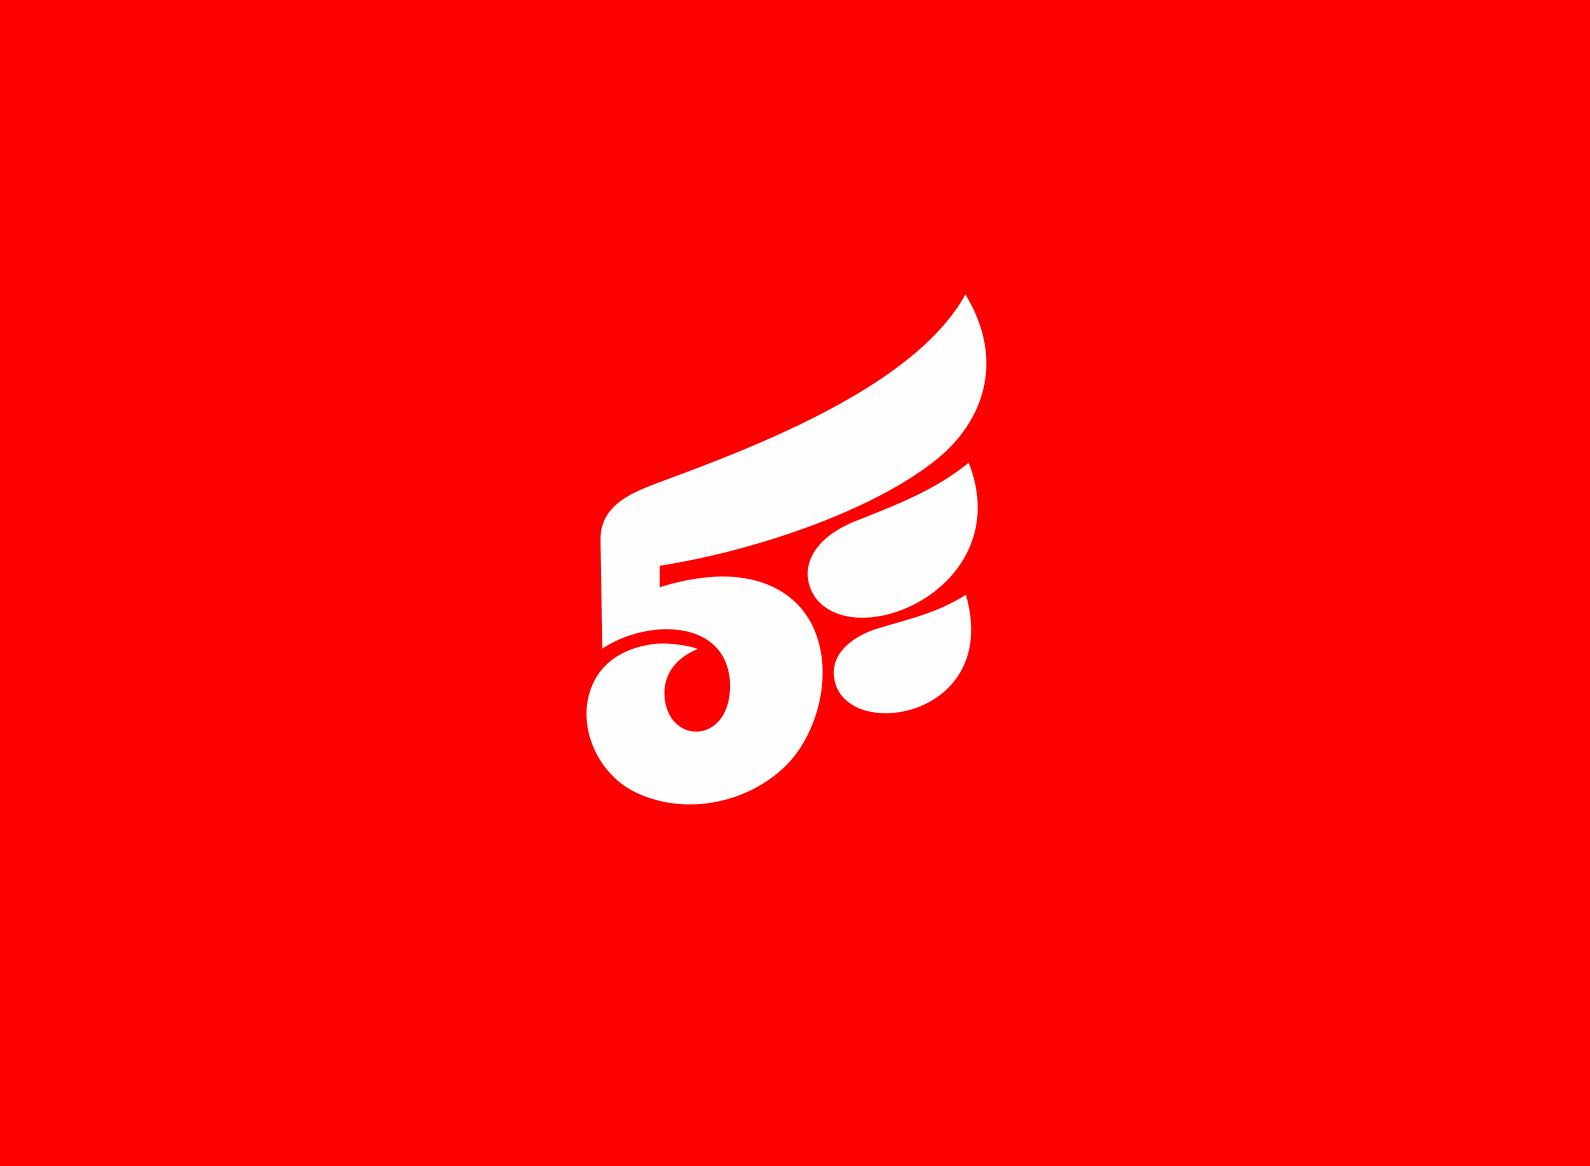 Нарисовать логотип для группы компаний  фото f_2255cdccc97157bf.png